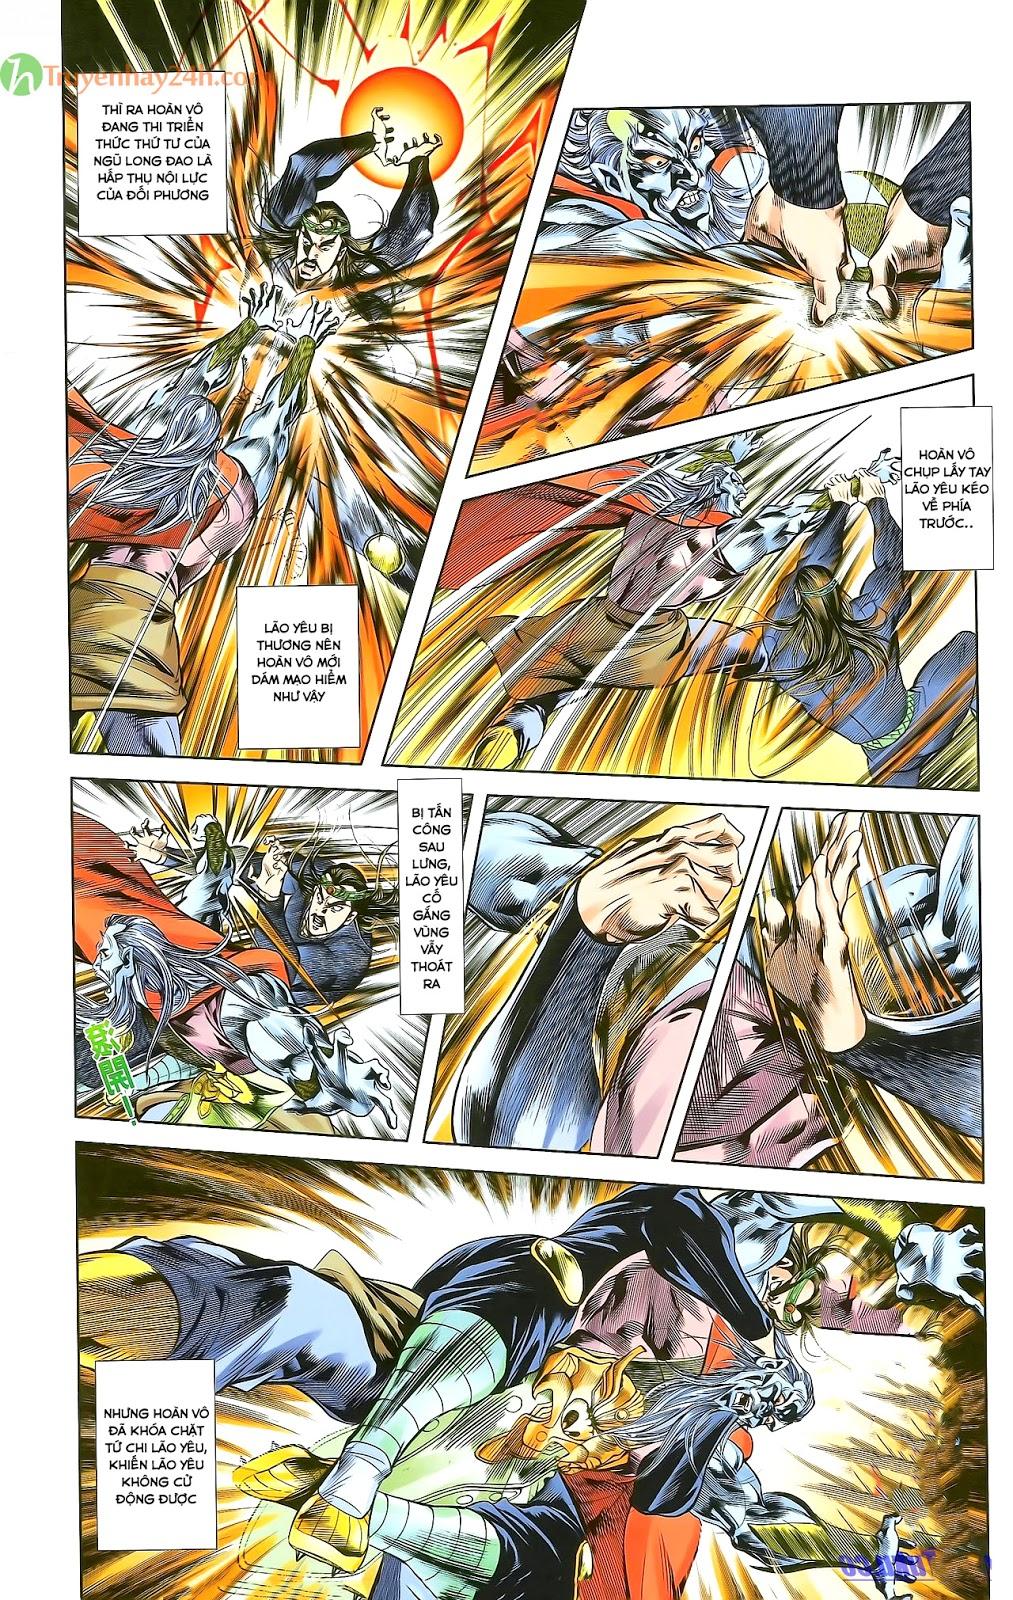 Tần Vương Doanh Chính chapter 28 trang 14